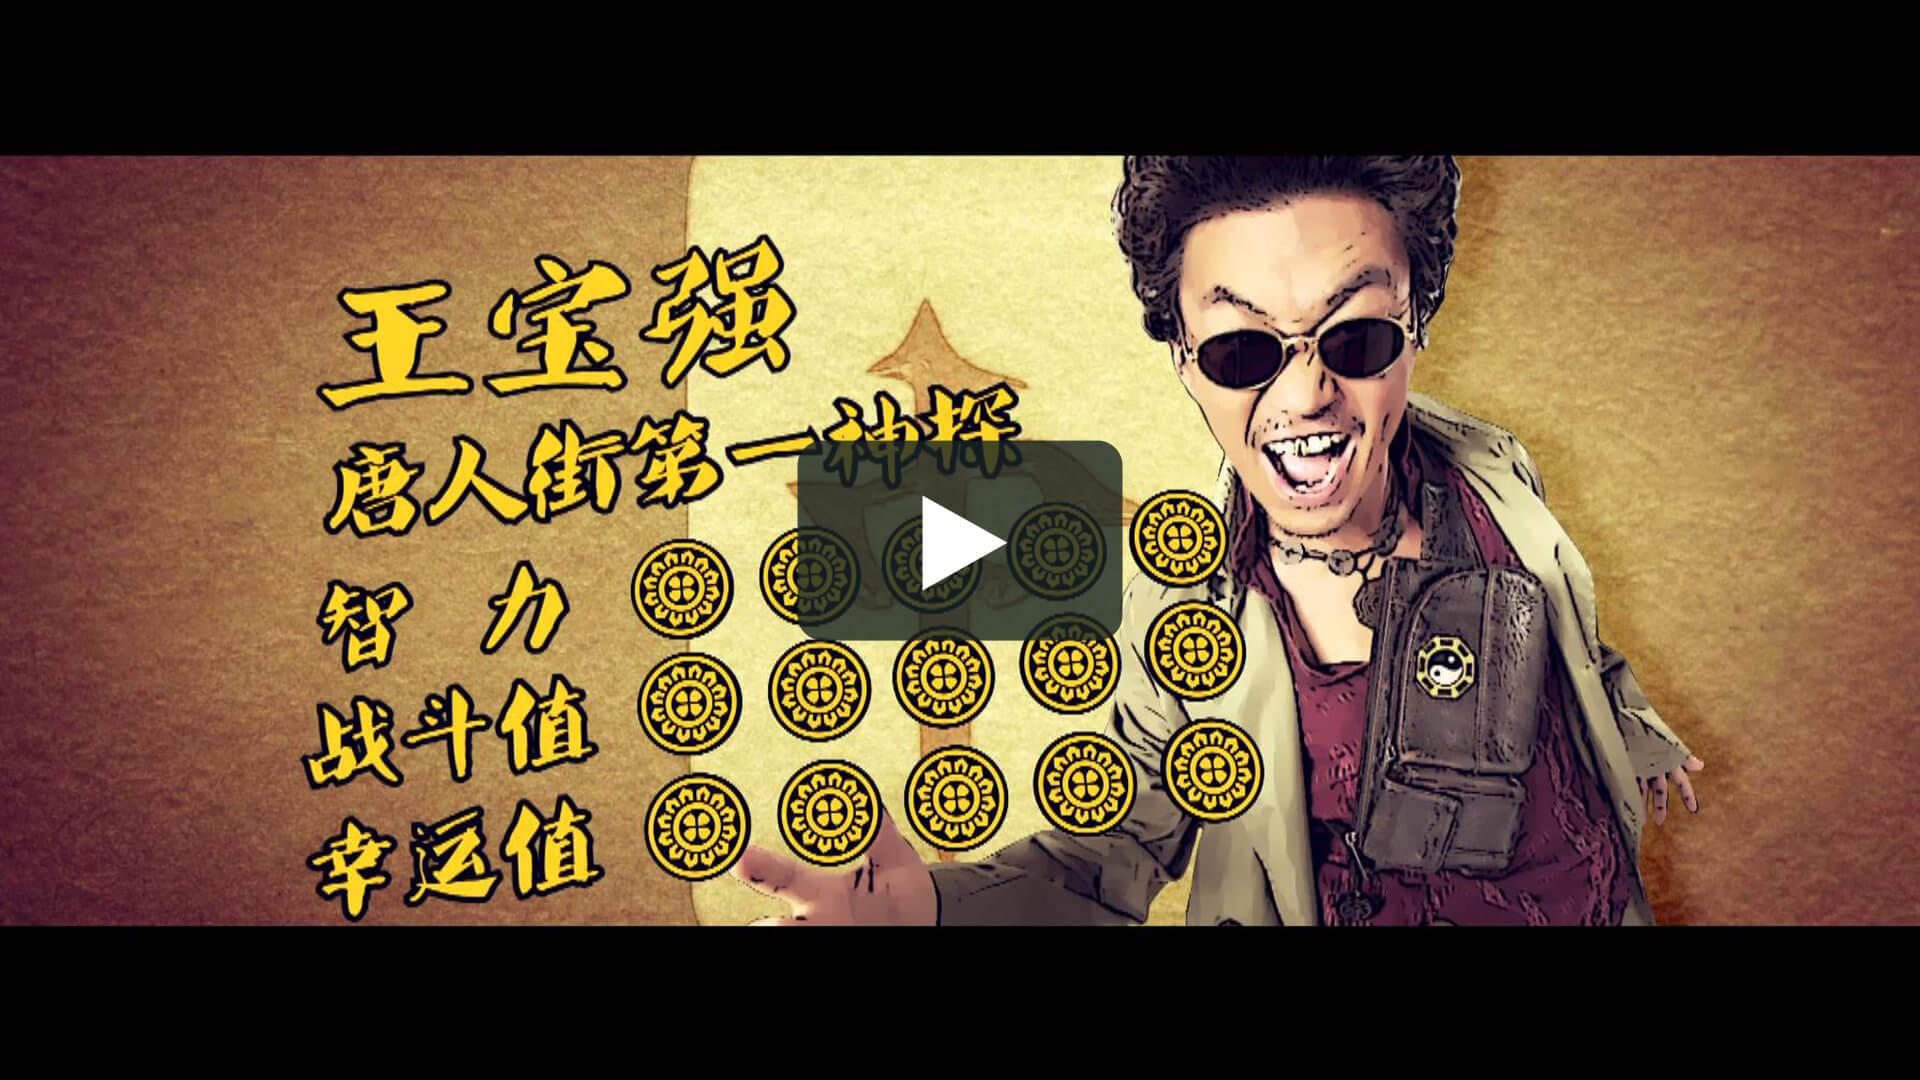 唐人街探案 - Detective Chinatown